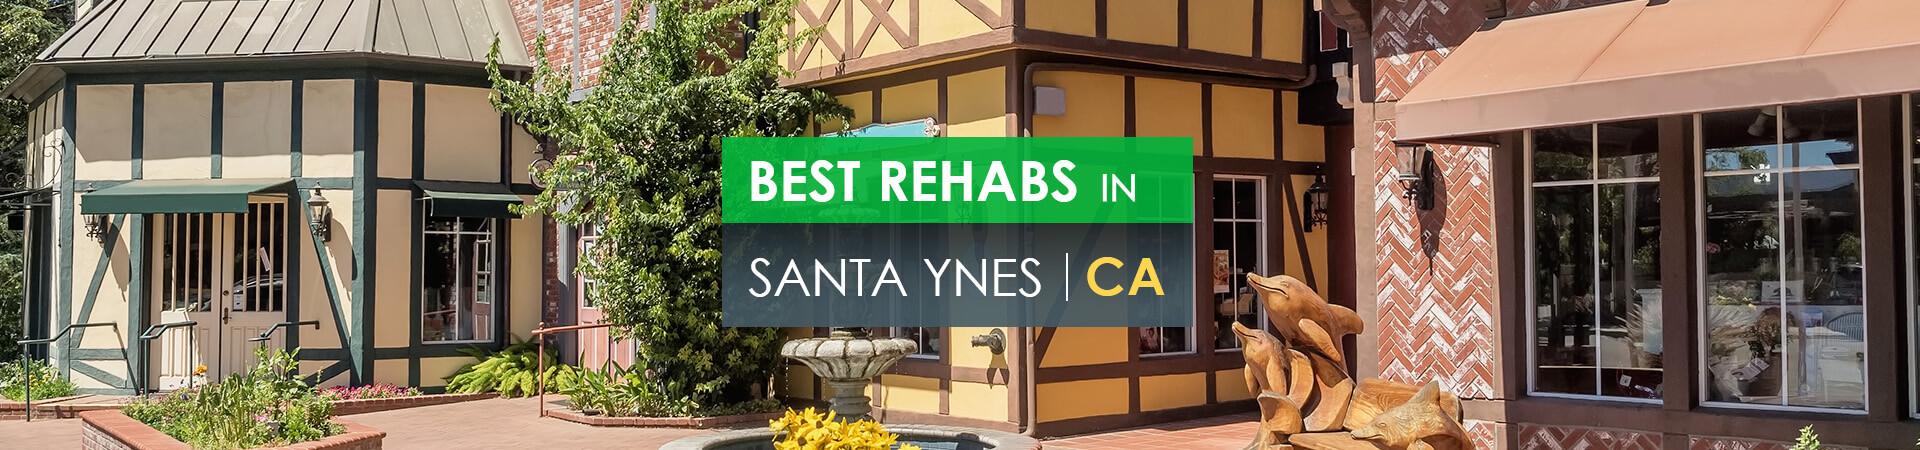 Best rehabs in Santa Ynes, Ca